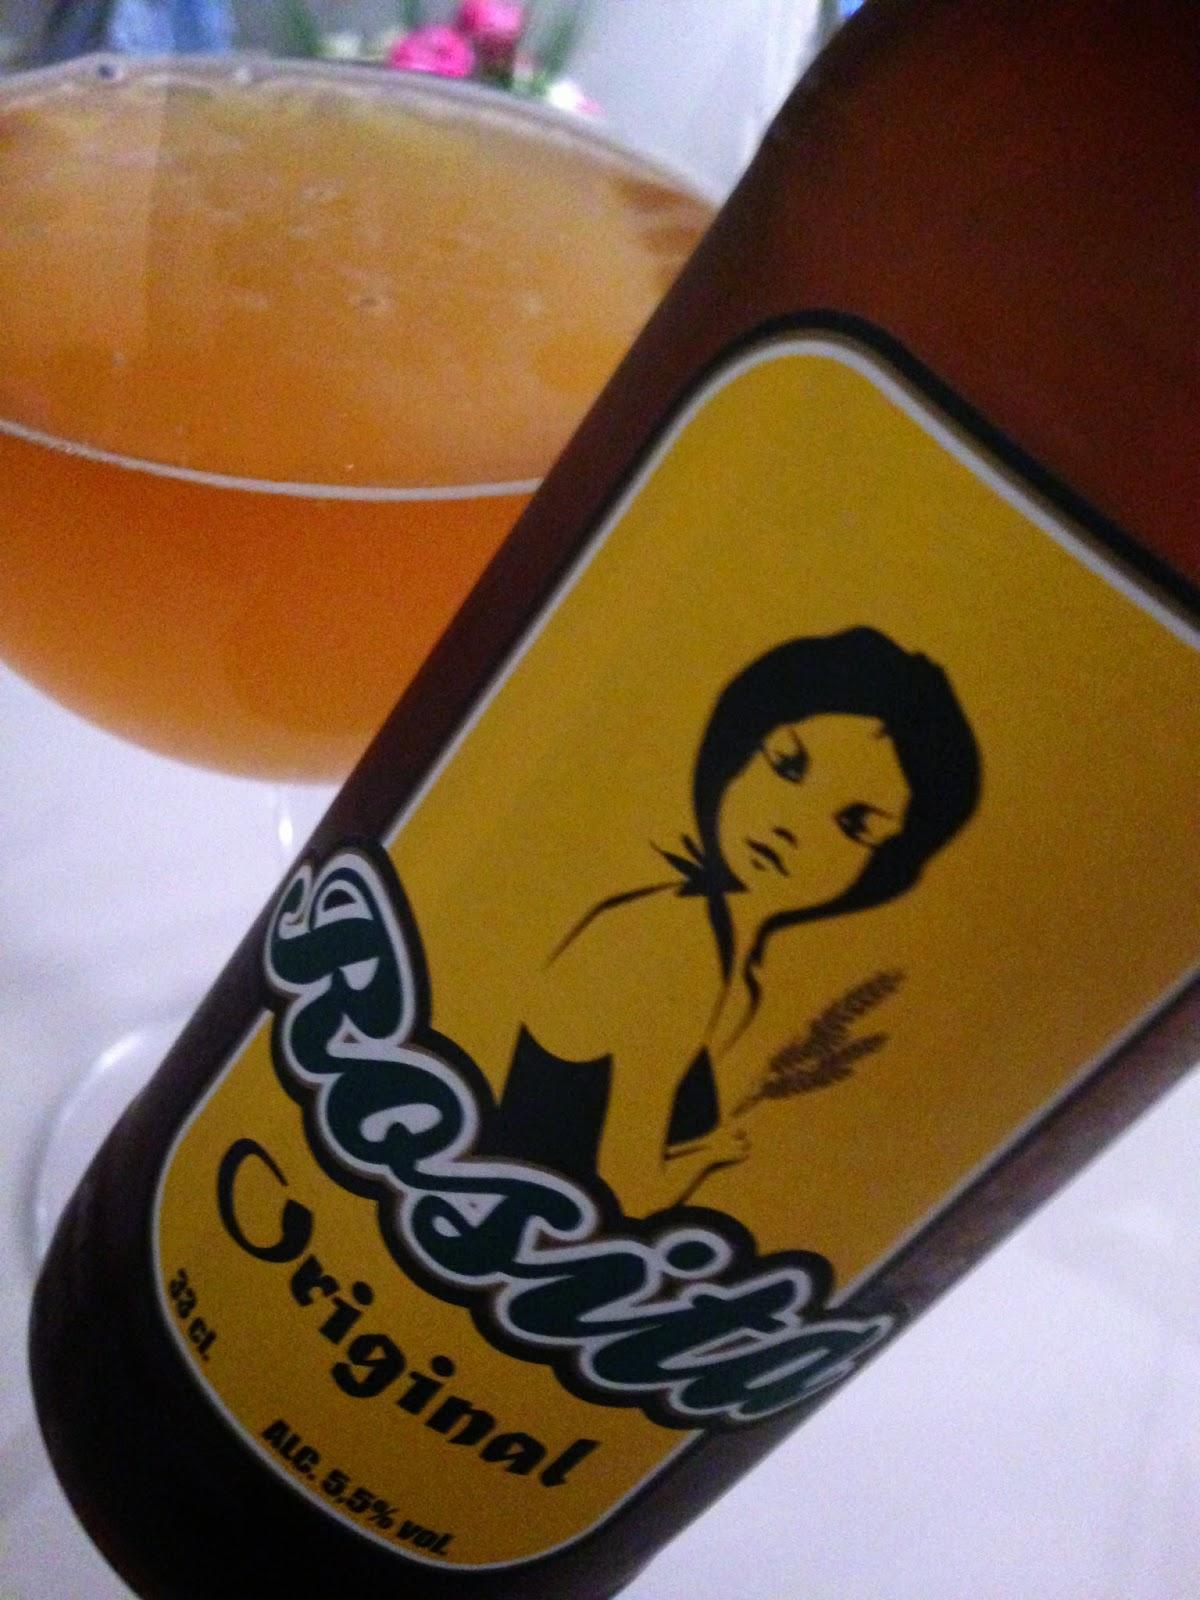 Cerveza rosita original